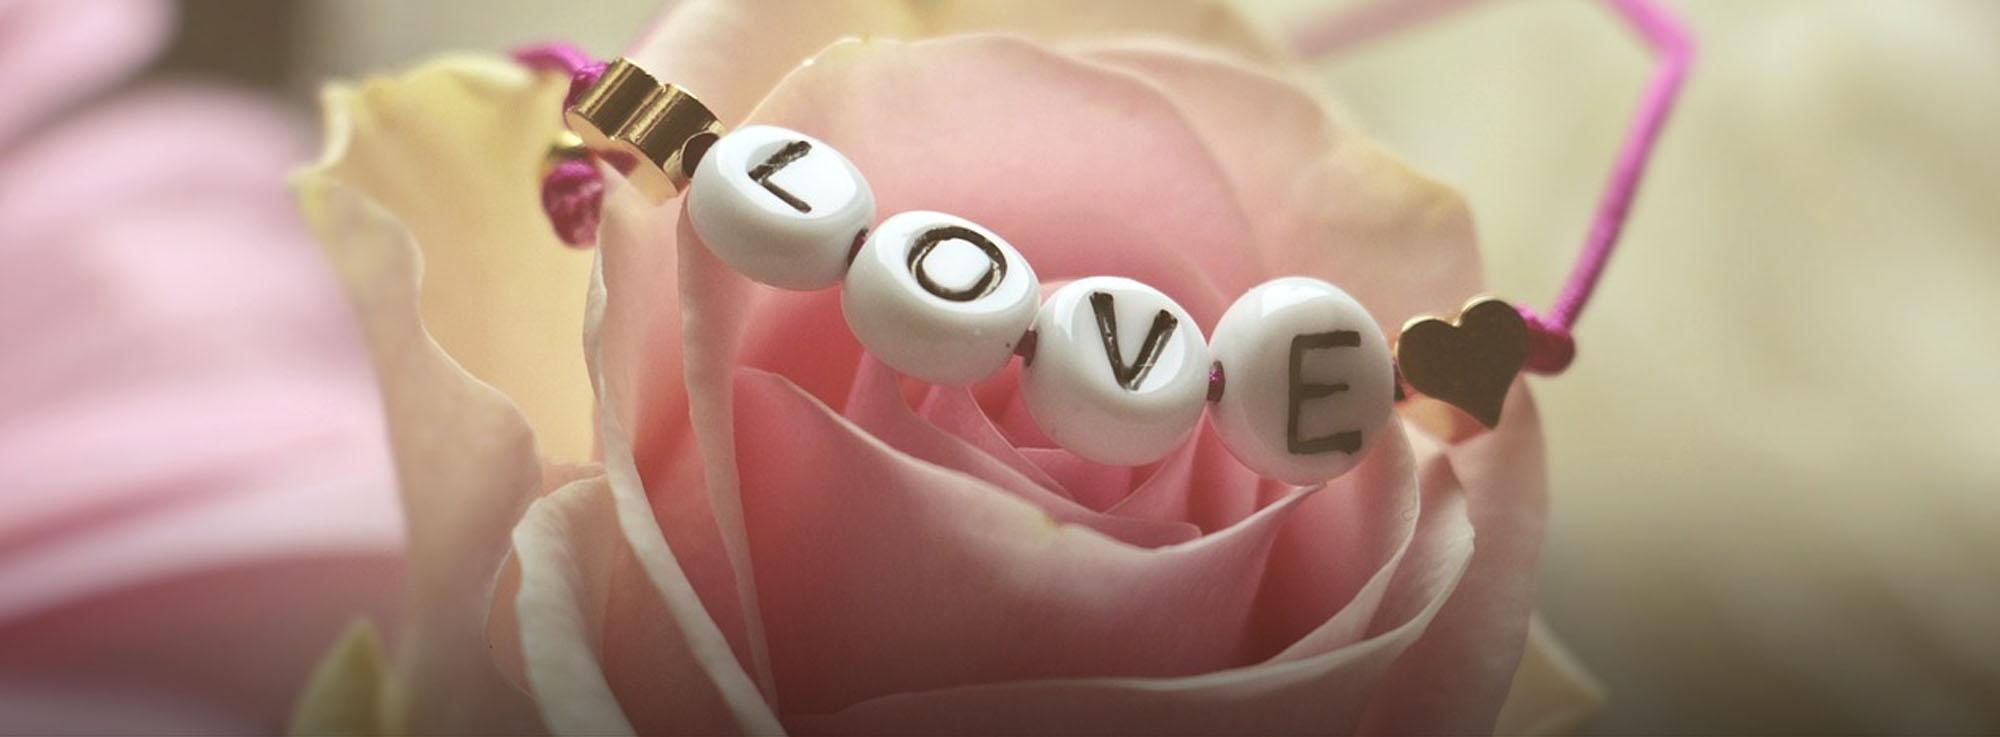 Vieste: Vieste in Love